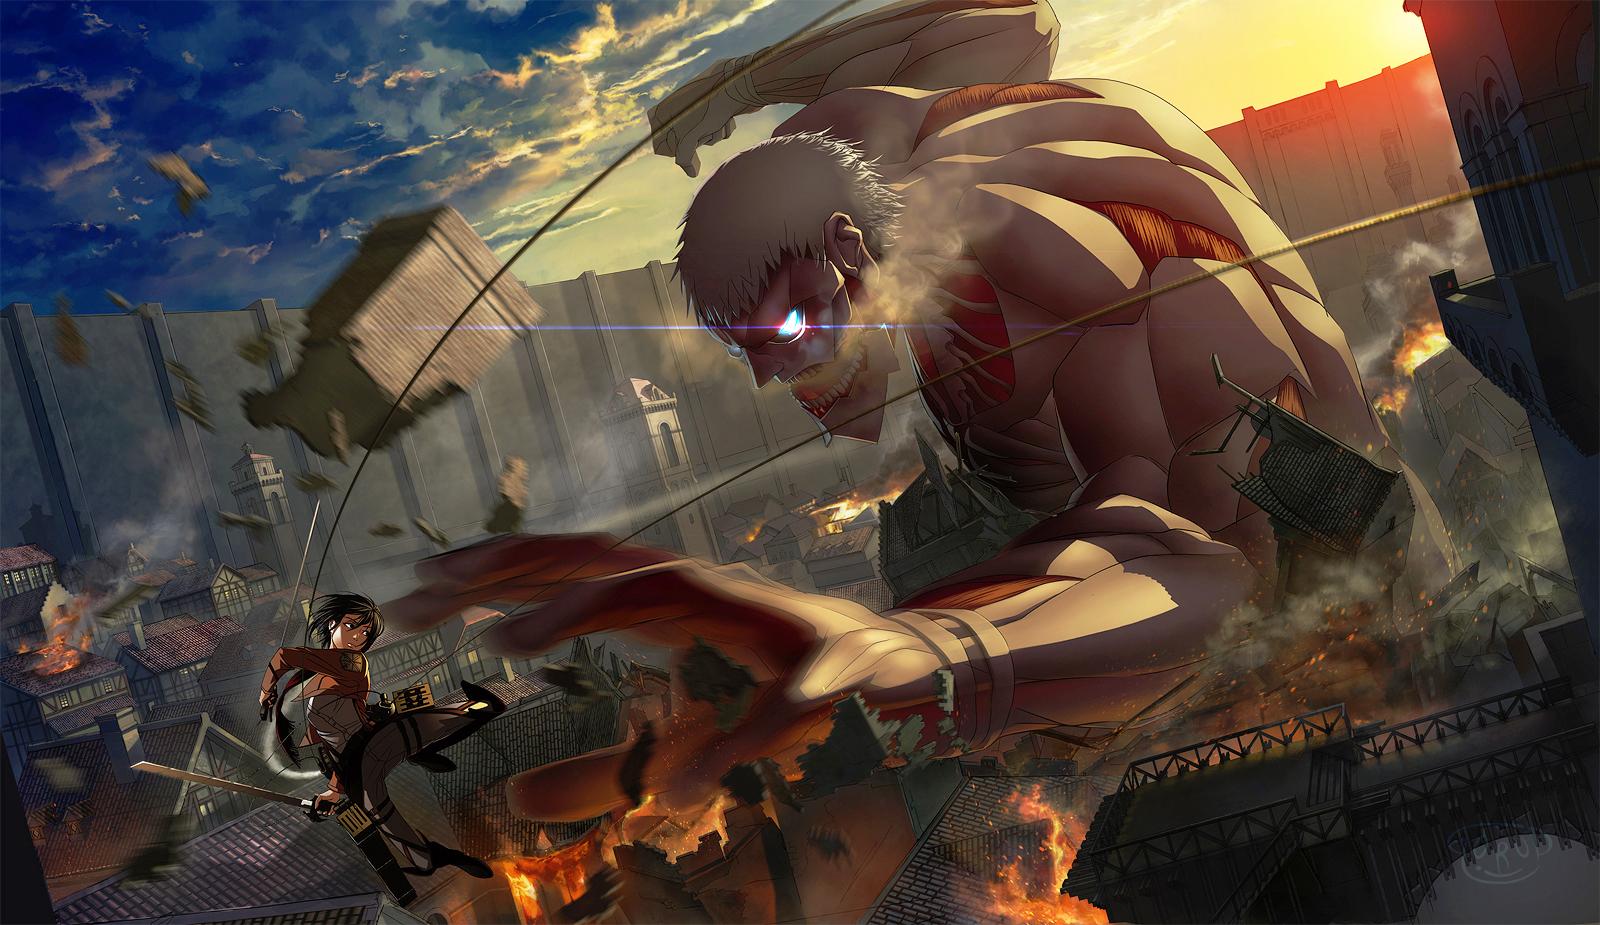 Chercher fond d'écran manga HD sur le forum Blabla 15-18 ans - 18-05-2014 13:38:00 - page 2 ...